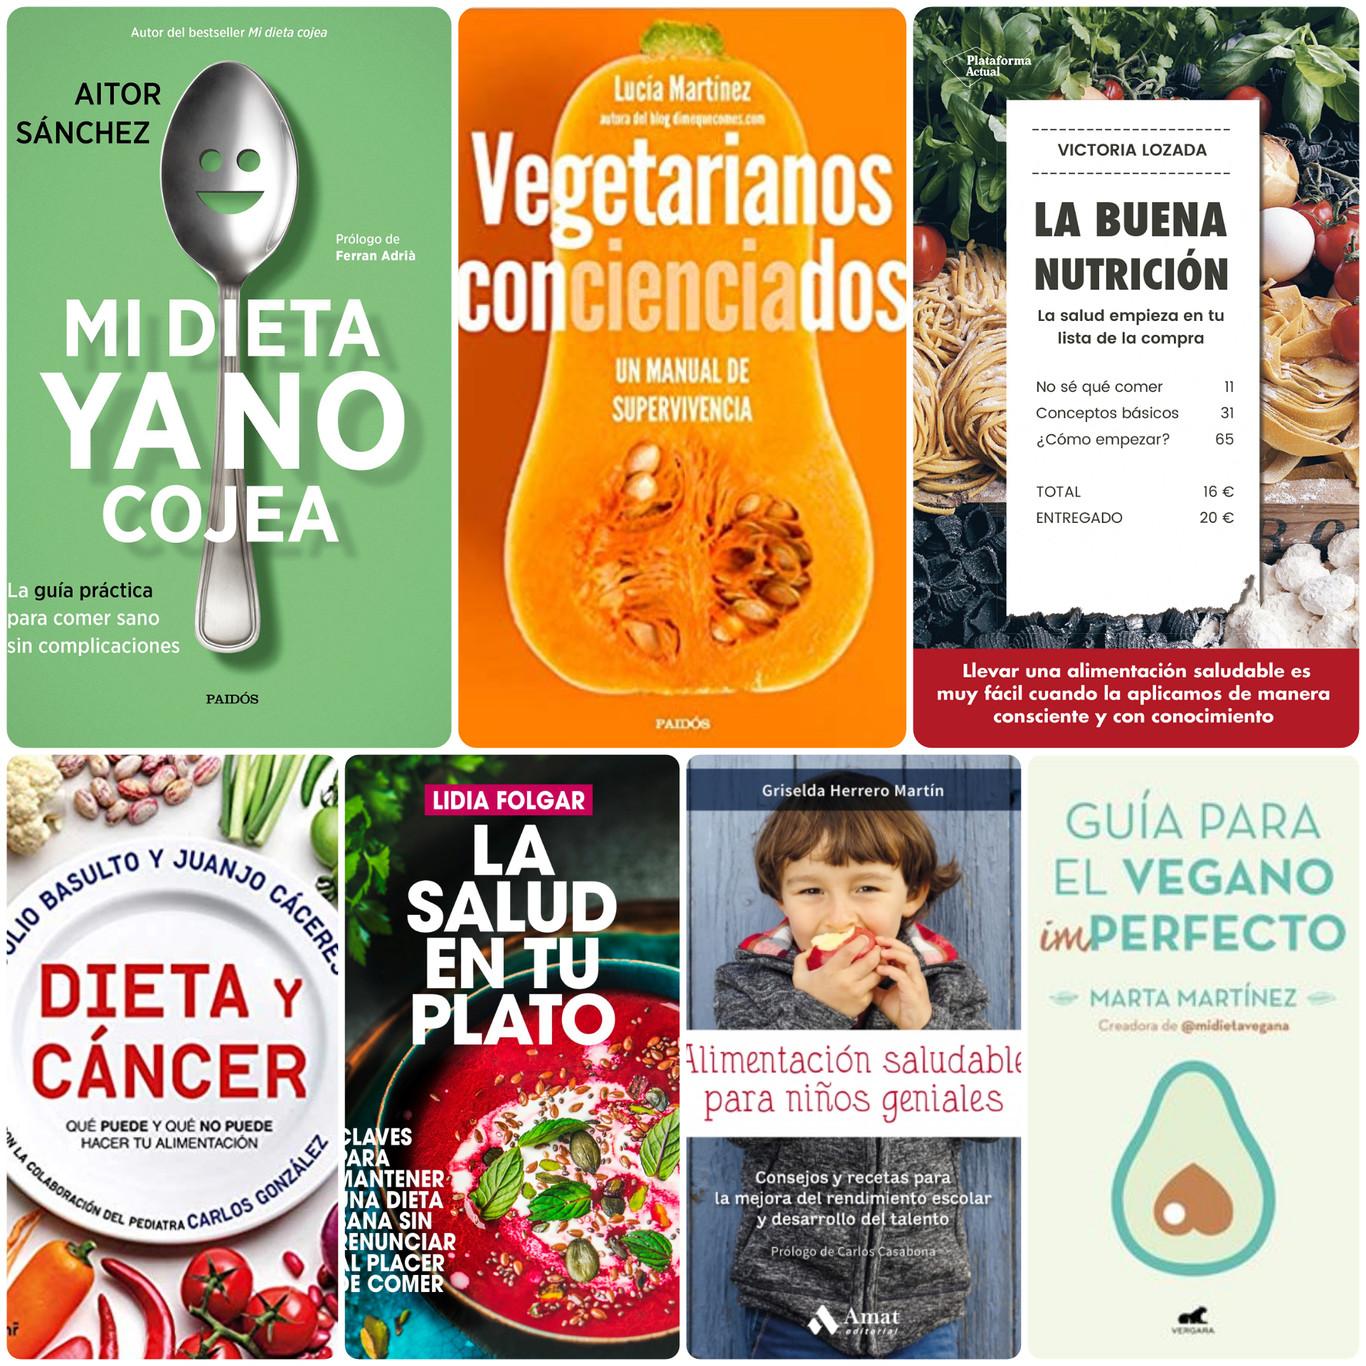 la buena nutricion victoria lozada pdf gratis